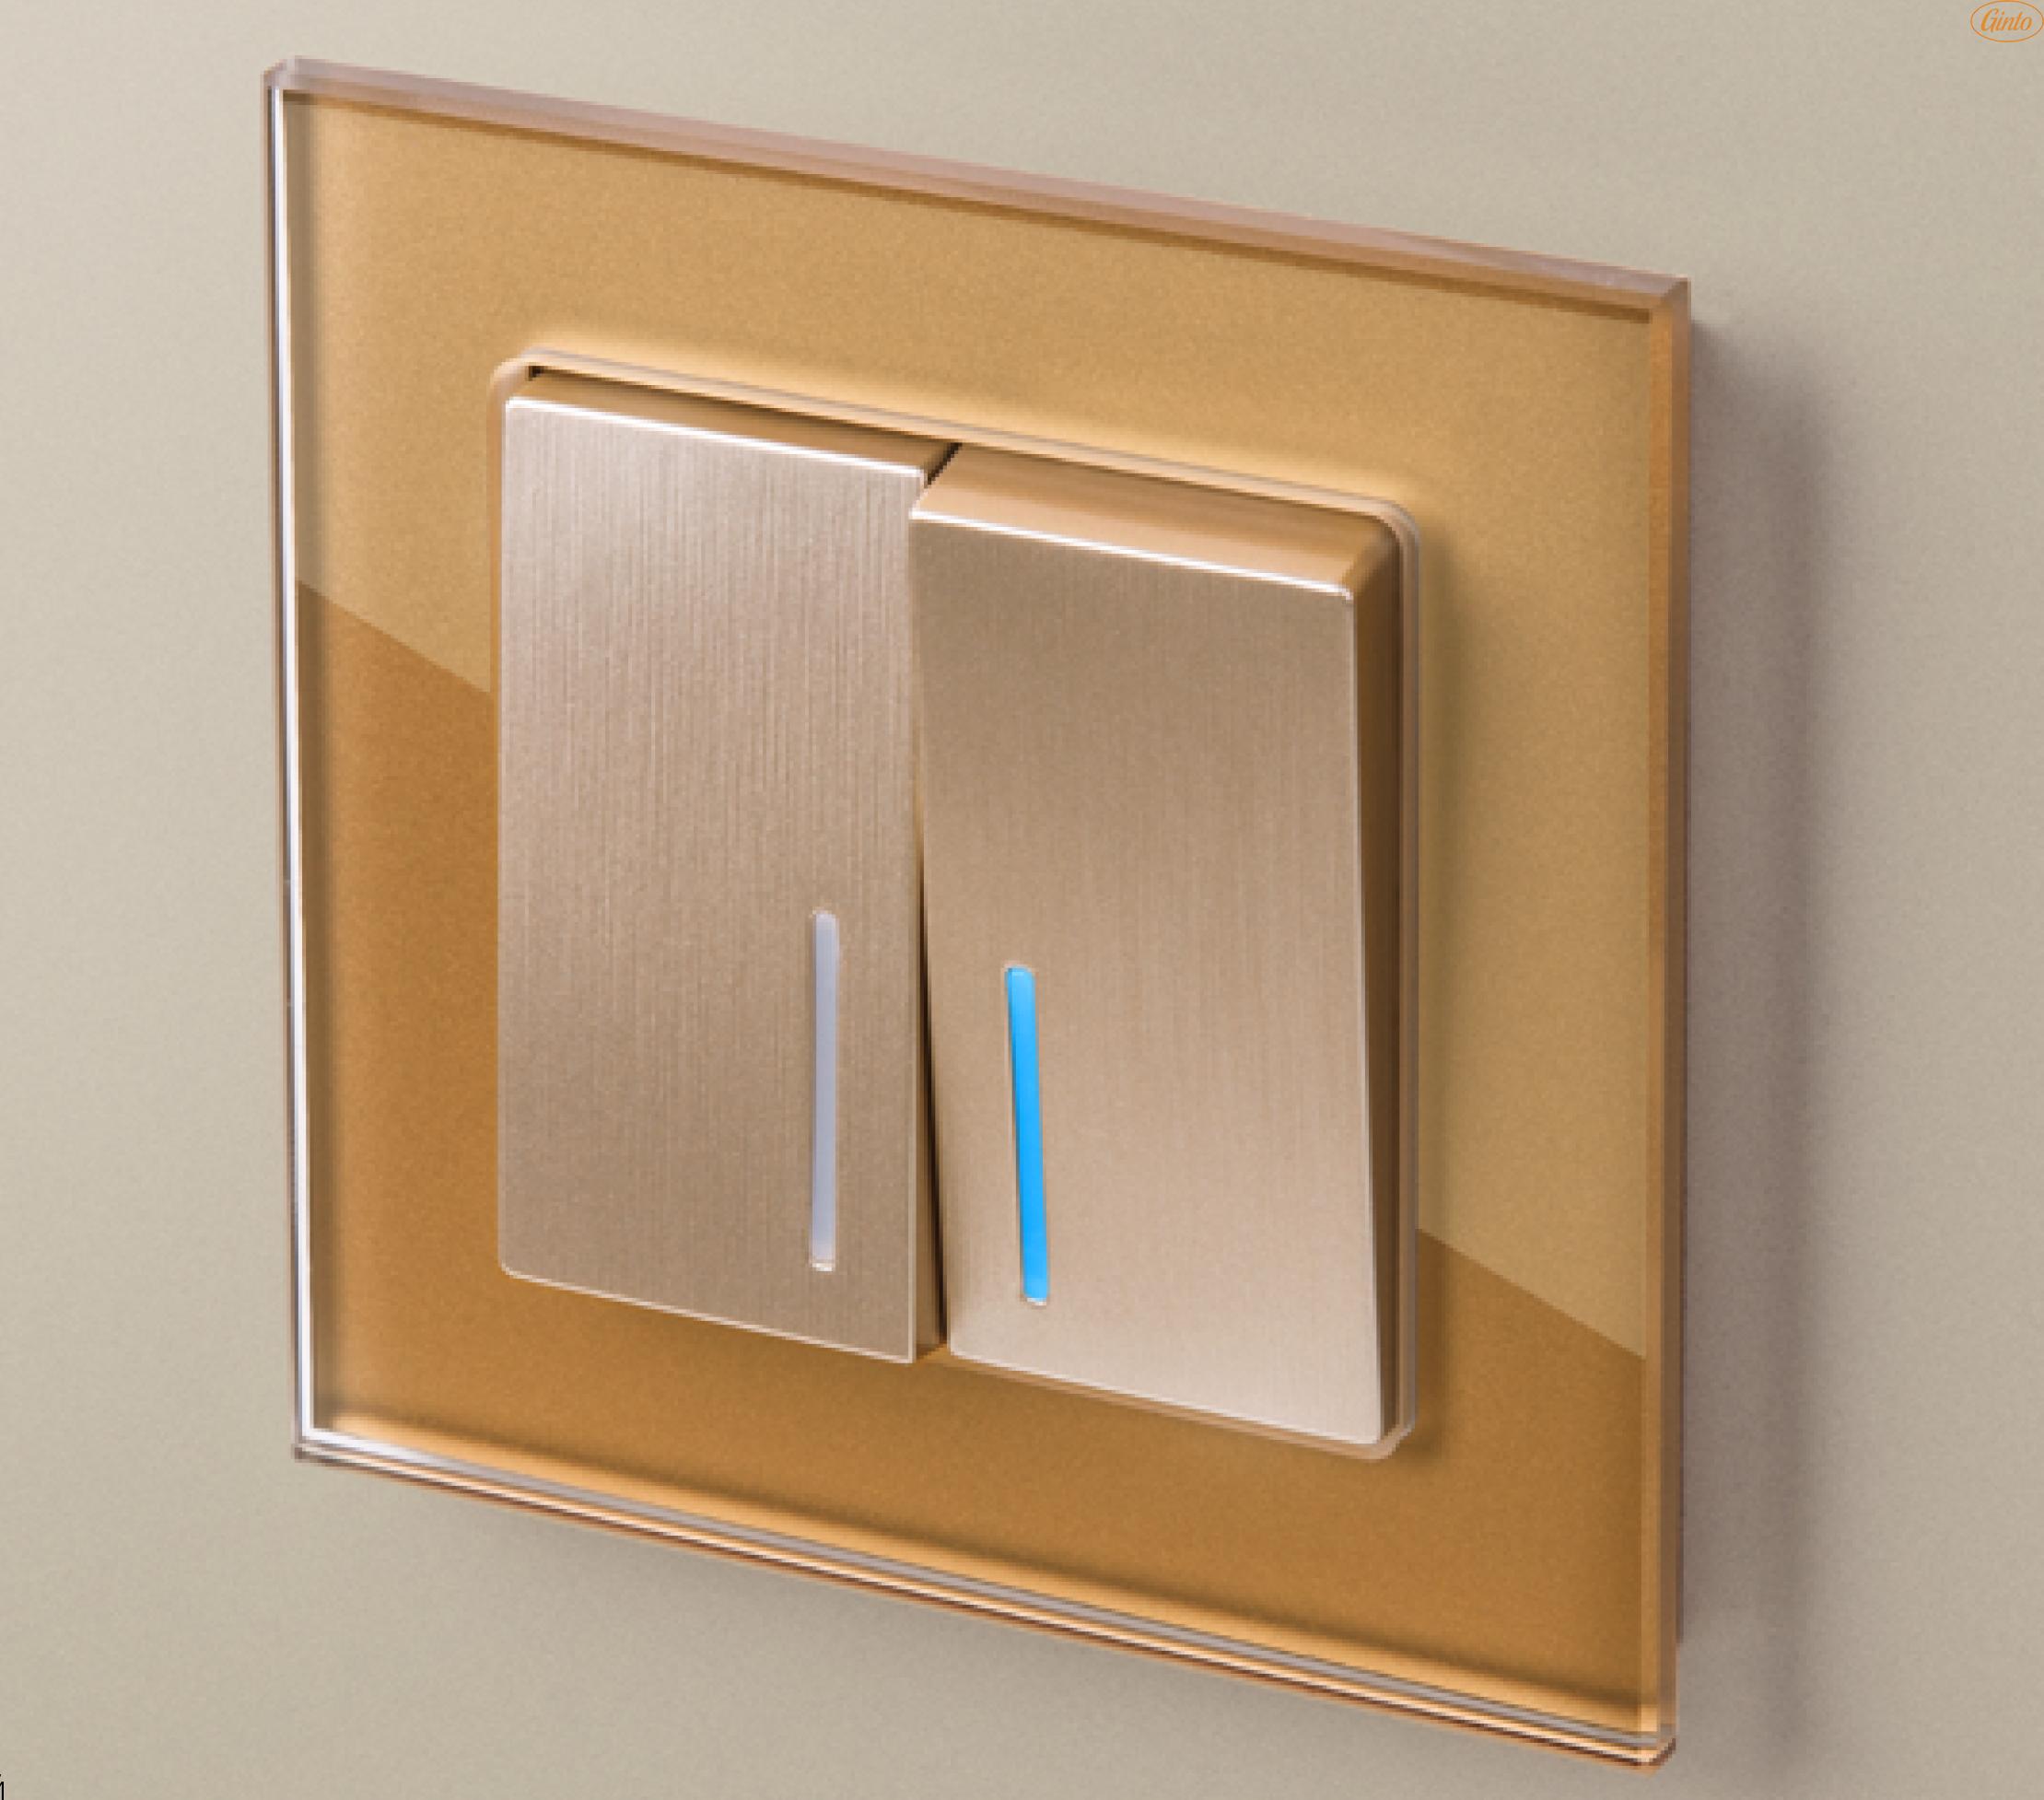 Как выбрать автоматический выключатель по характеристикам и бренду